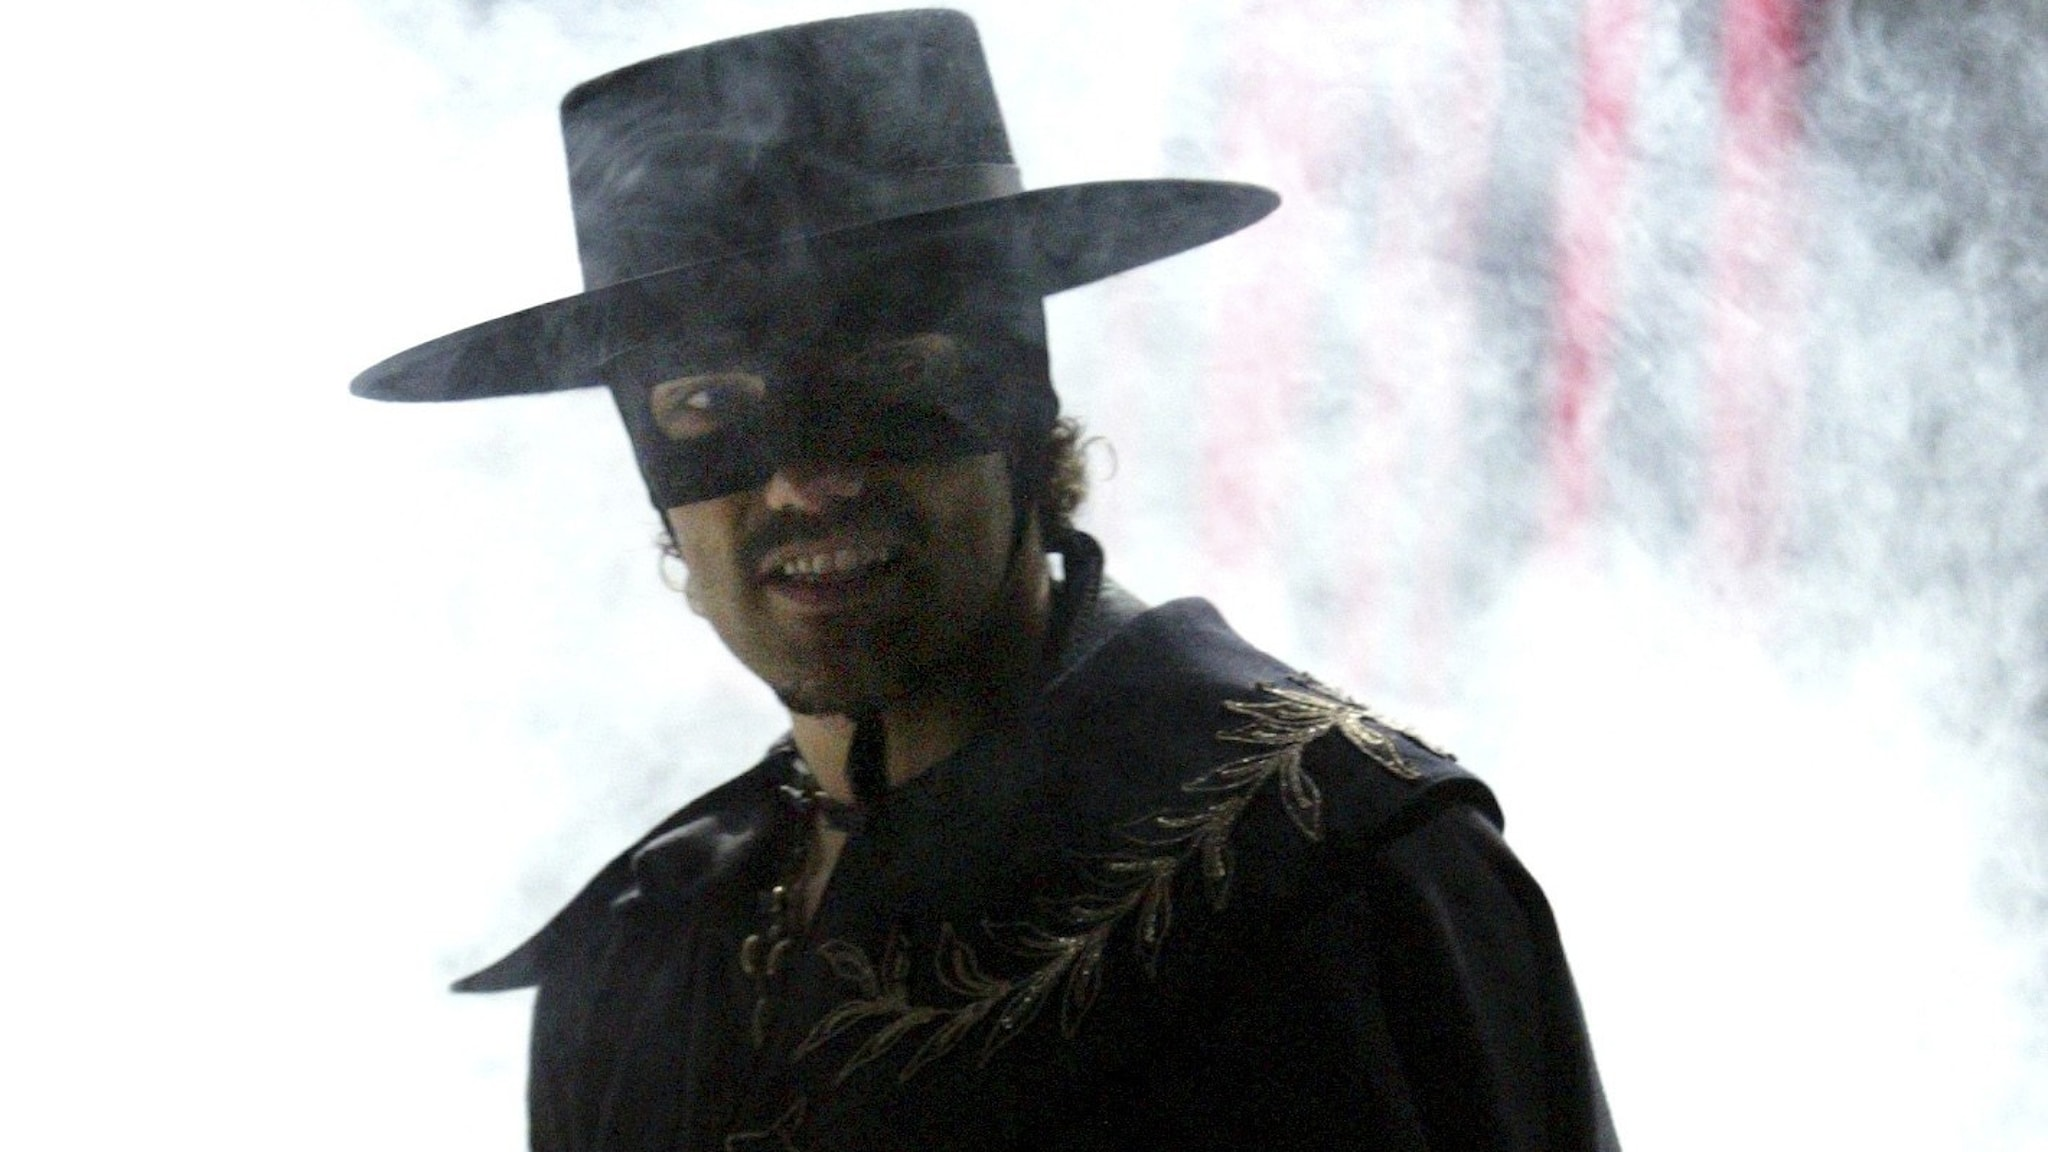 Har Zorro funnits på riktigt?